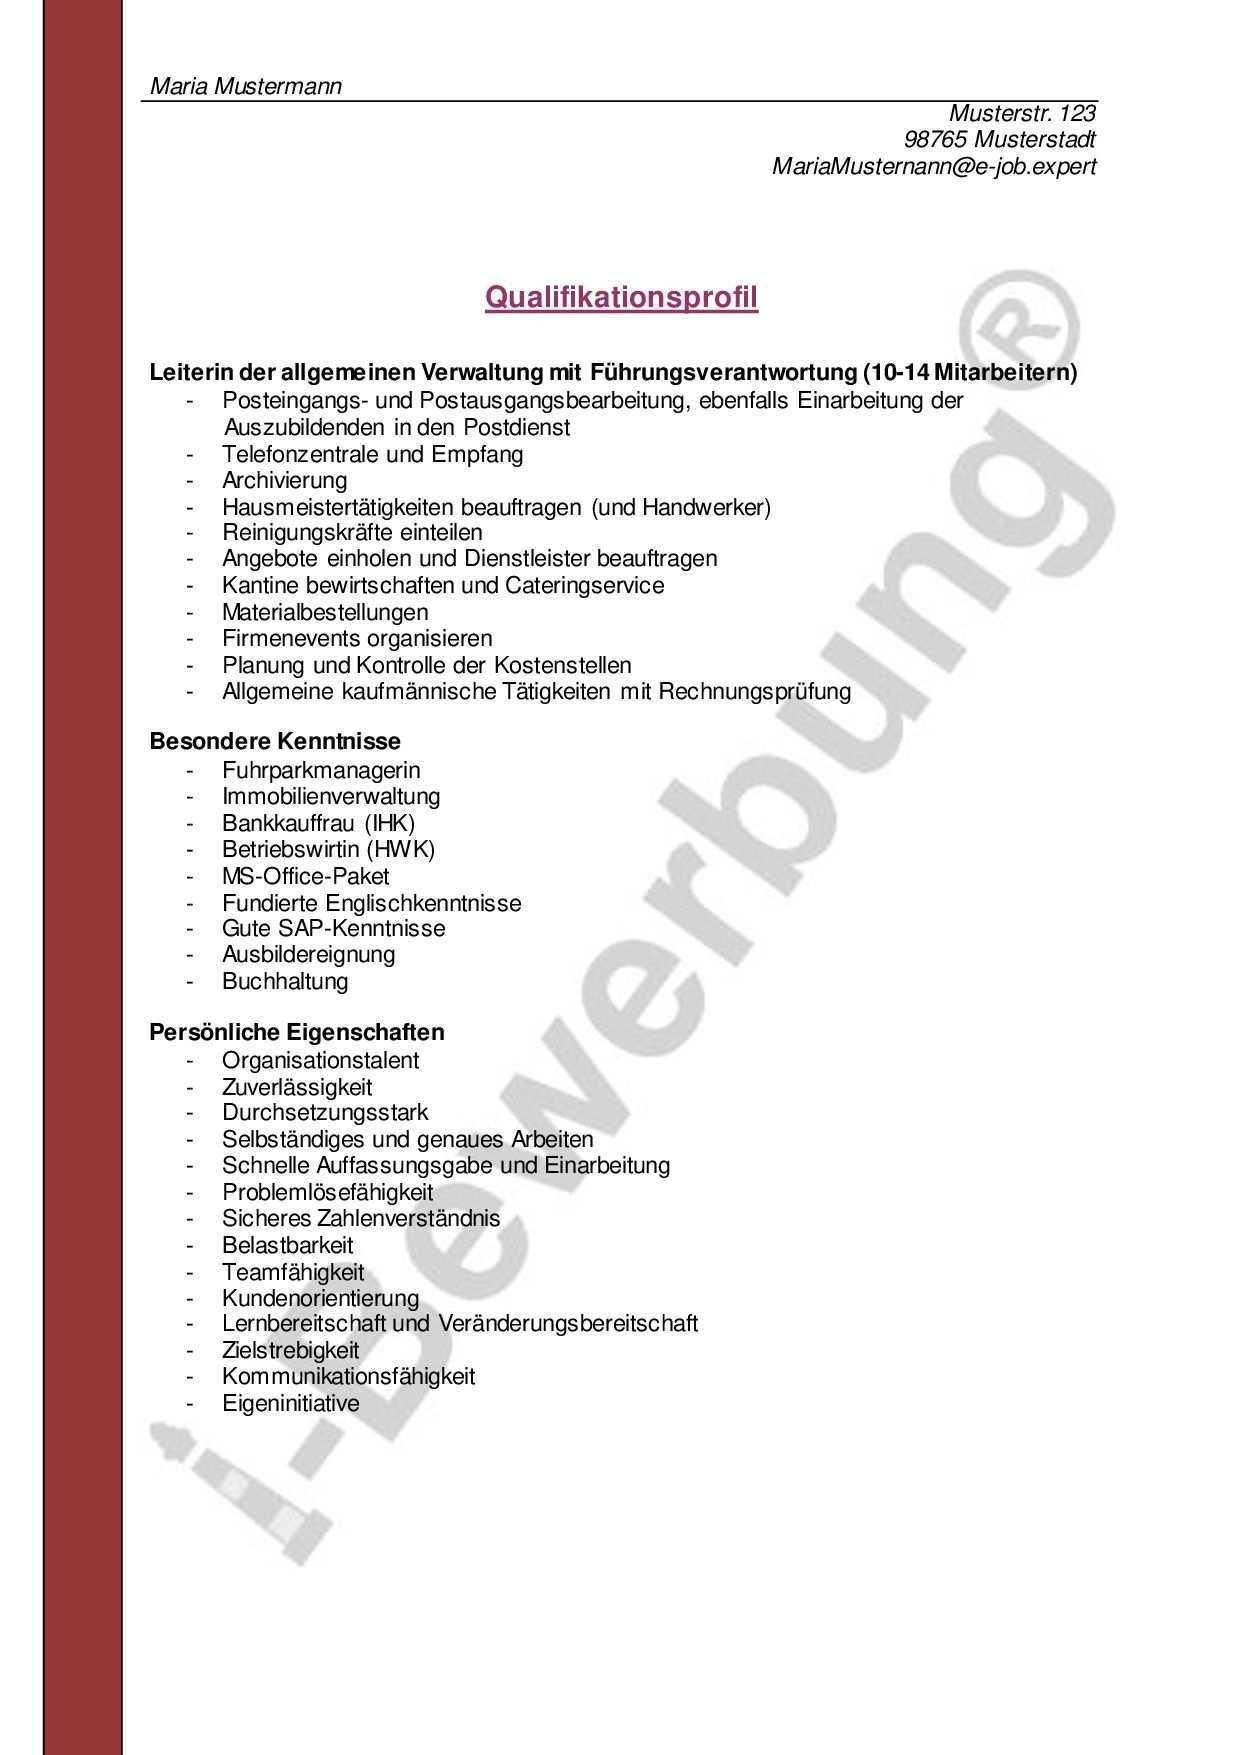 Muster Eines Qualifikationsprofils Zur Initiativbewerbung Vorlagen Lebenslauf Bewerbung Lebenslauf